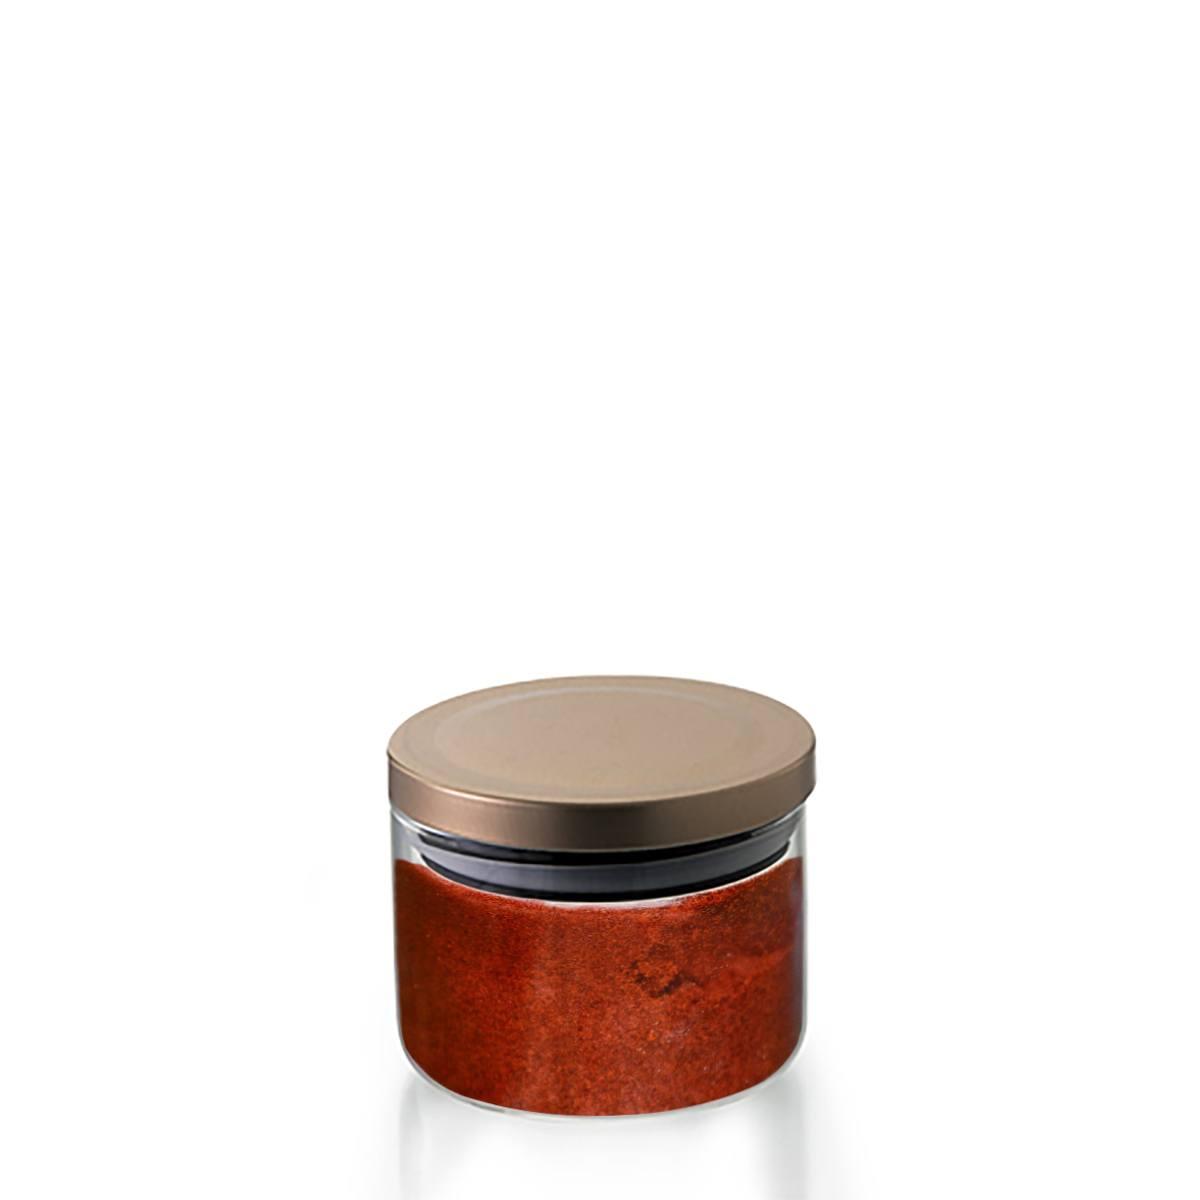 Pote hermético Borossilicato tampa bronze 370ml Mimo Style